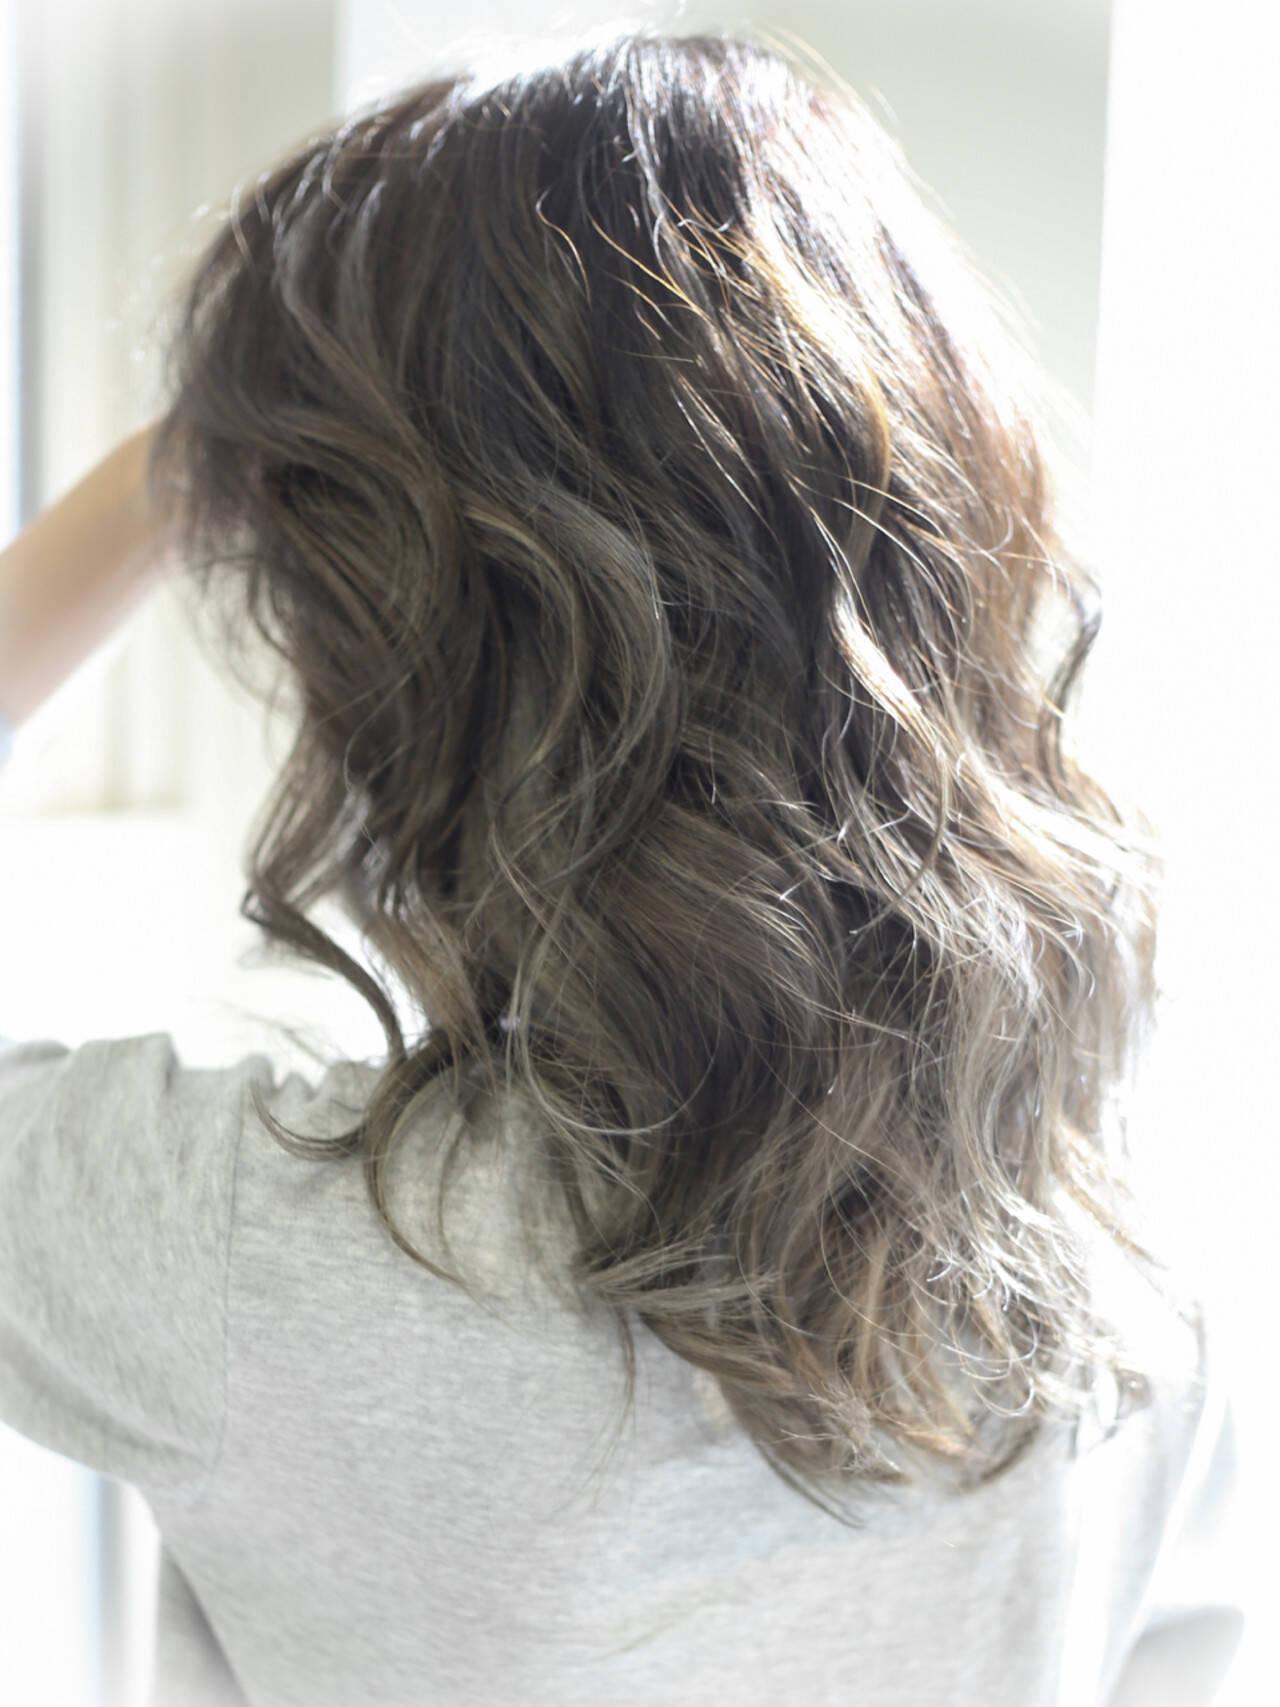 アッシュ ハイライト ローライト ストリートヘアスタイルや髪型の写真・画像